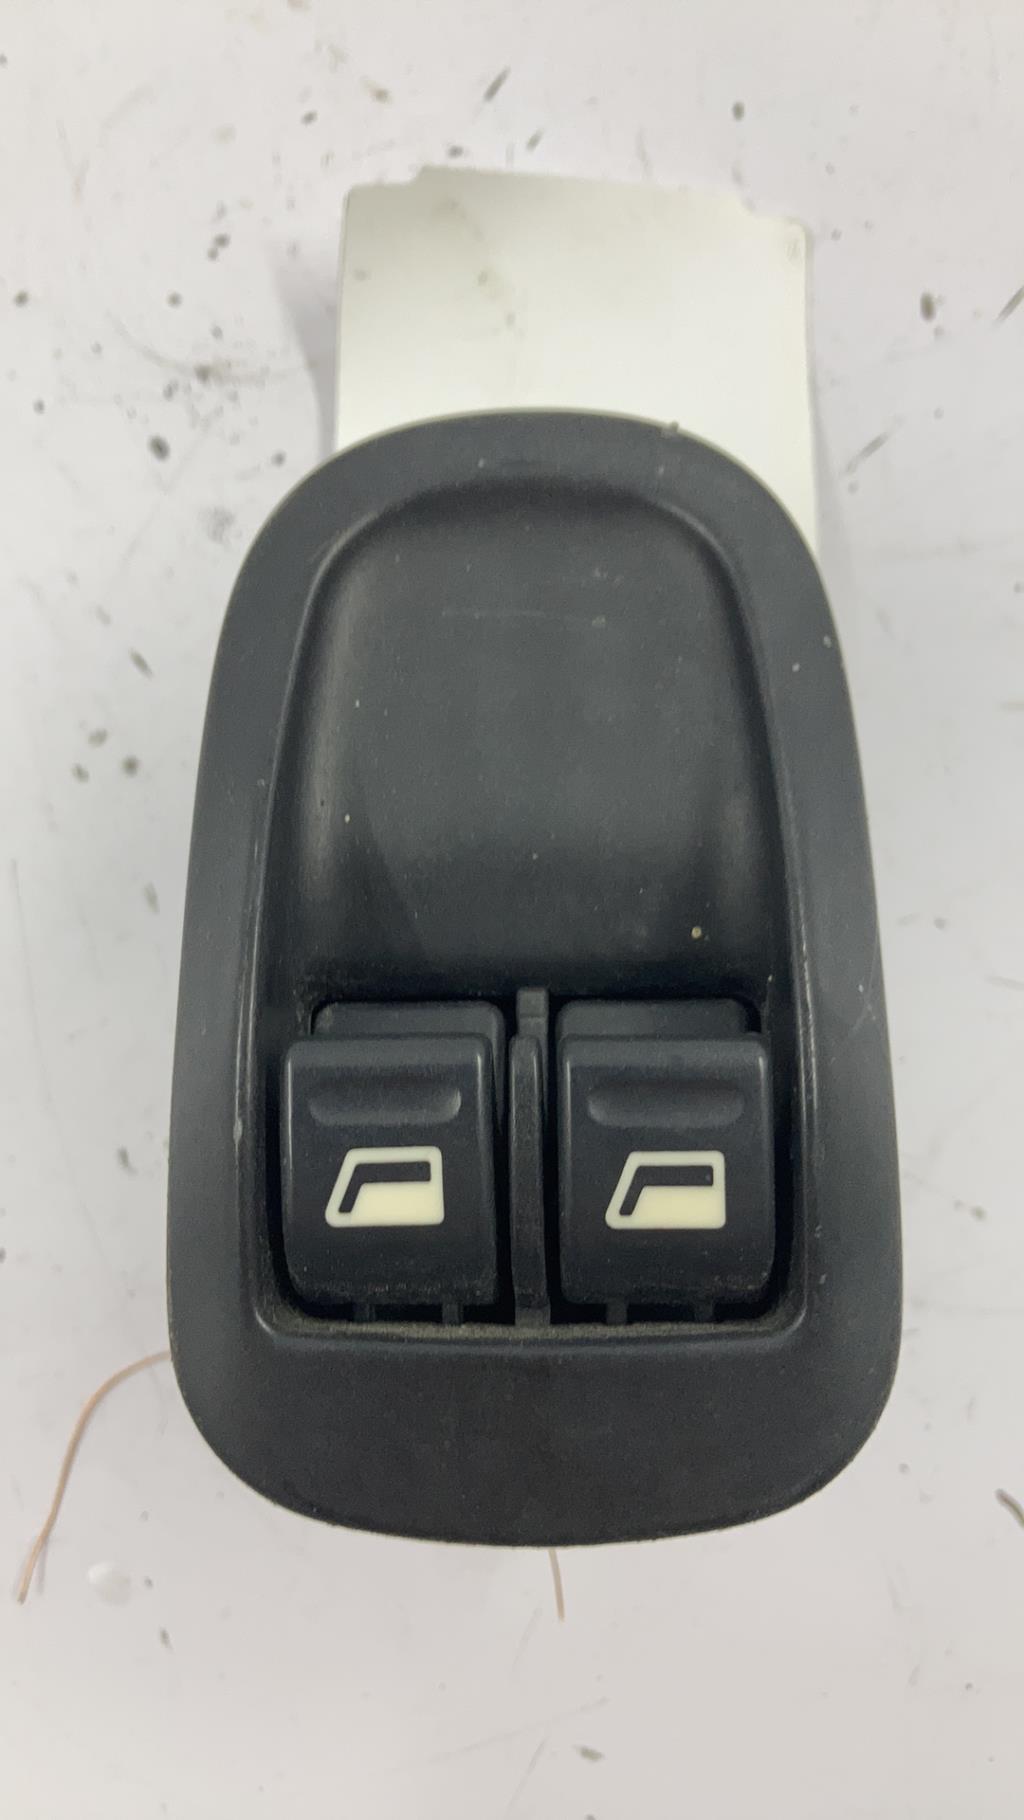 Bouton/Interrupteur PEUGEOT 306 PHASE 2 Essence